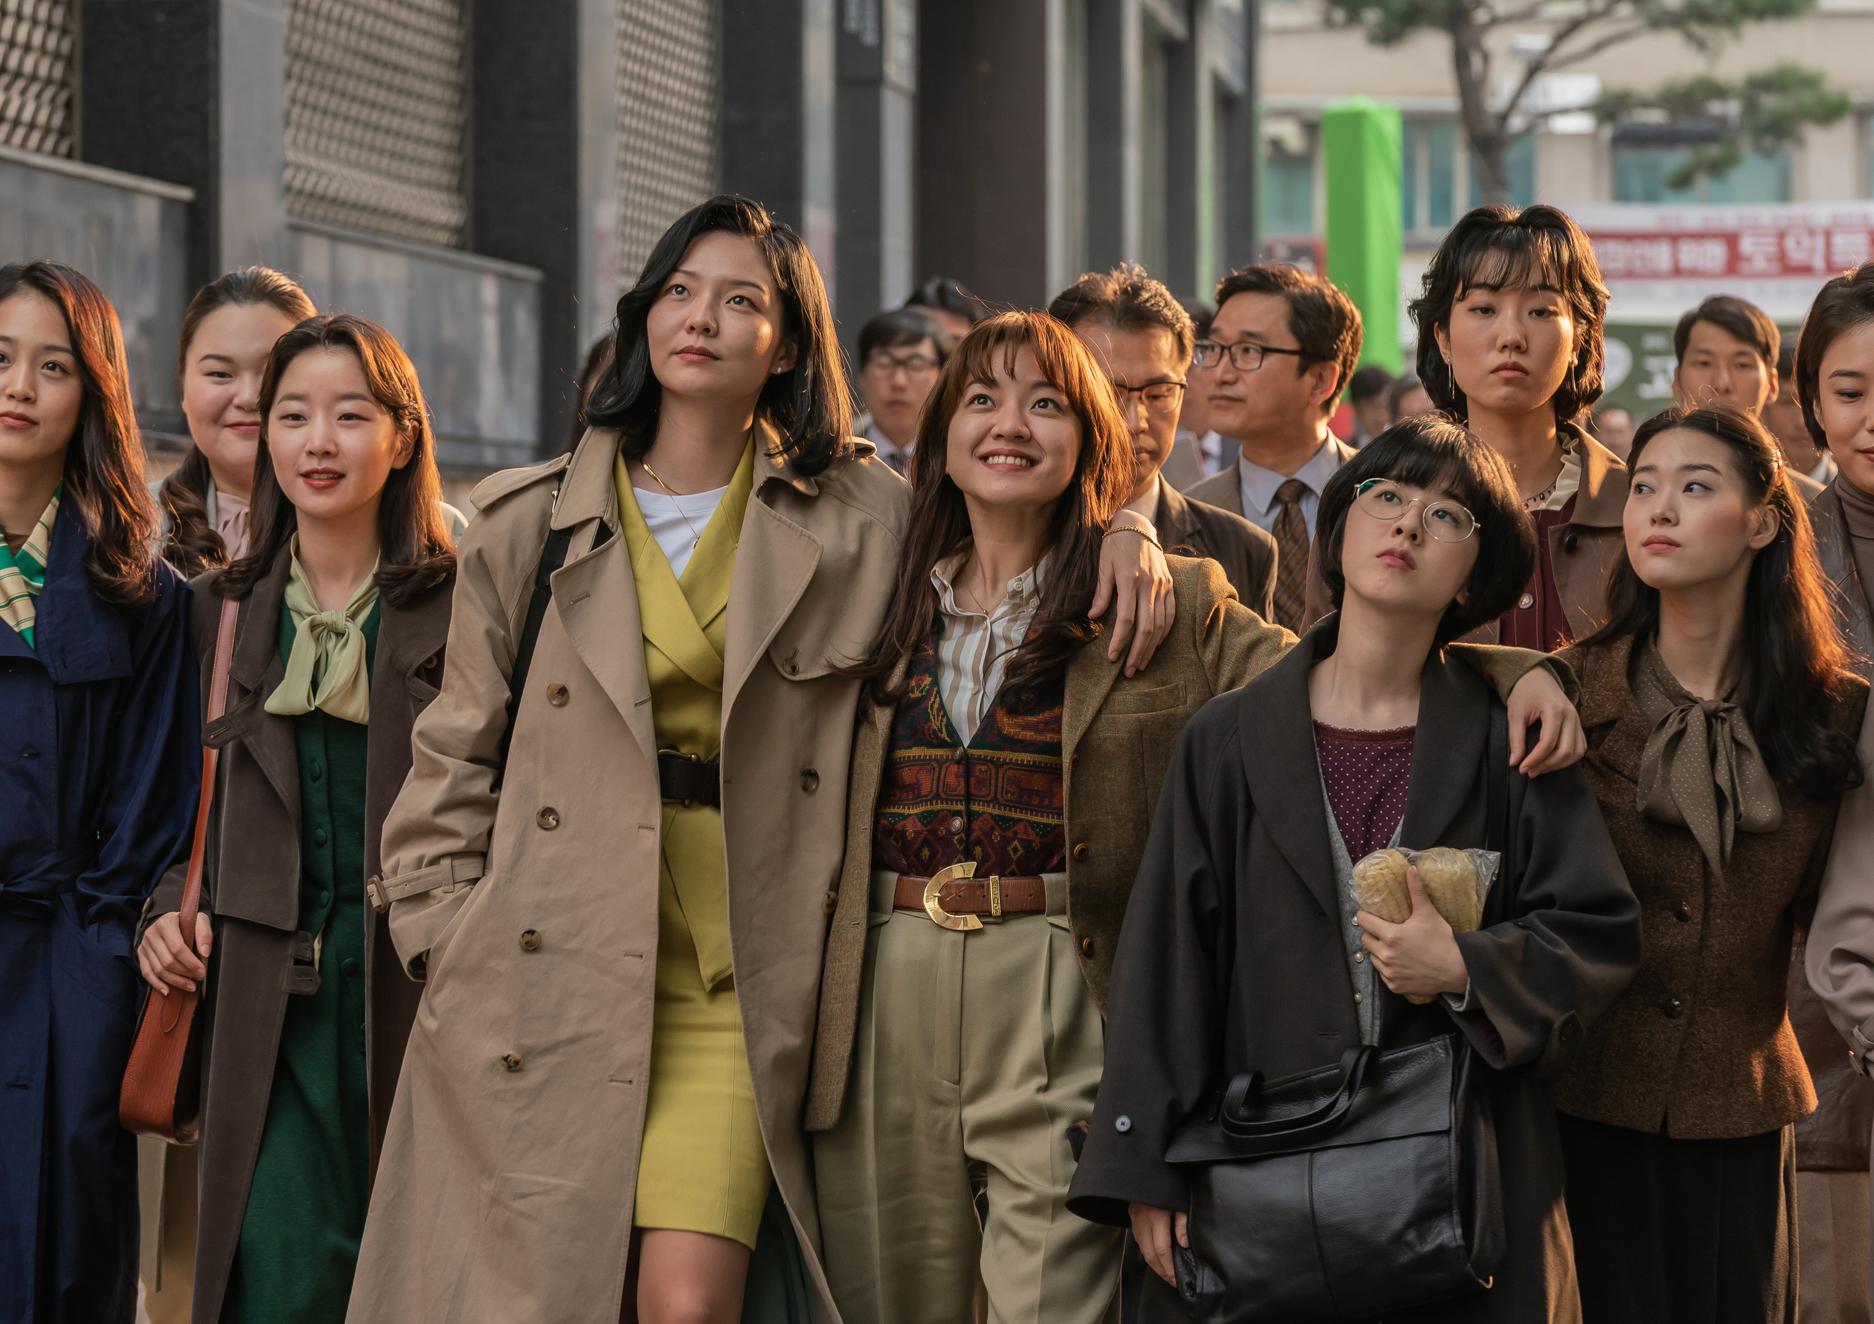 [애프터스크리닝] 여배우들이 펼쳐내는 통쾌한 대반전 드라마 '삼진그룹 영어토익반' ★★★